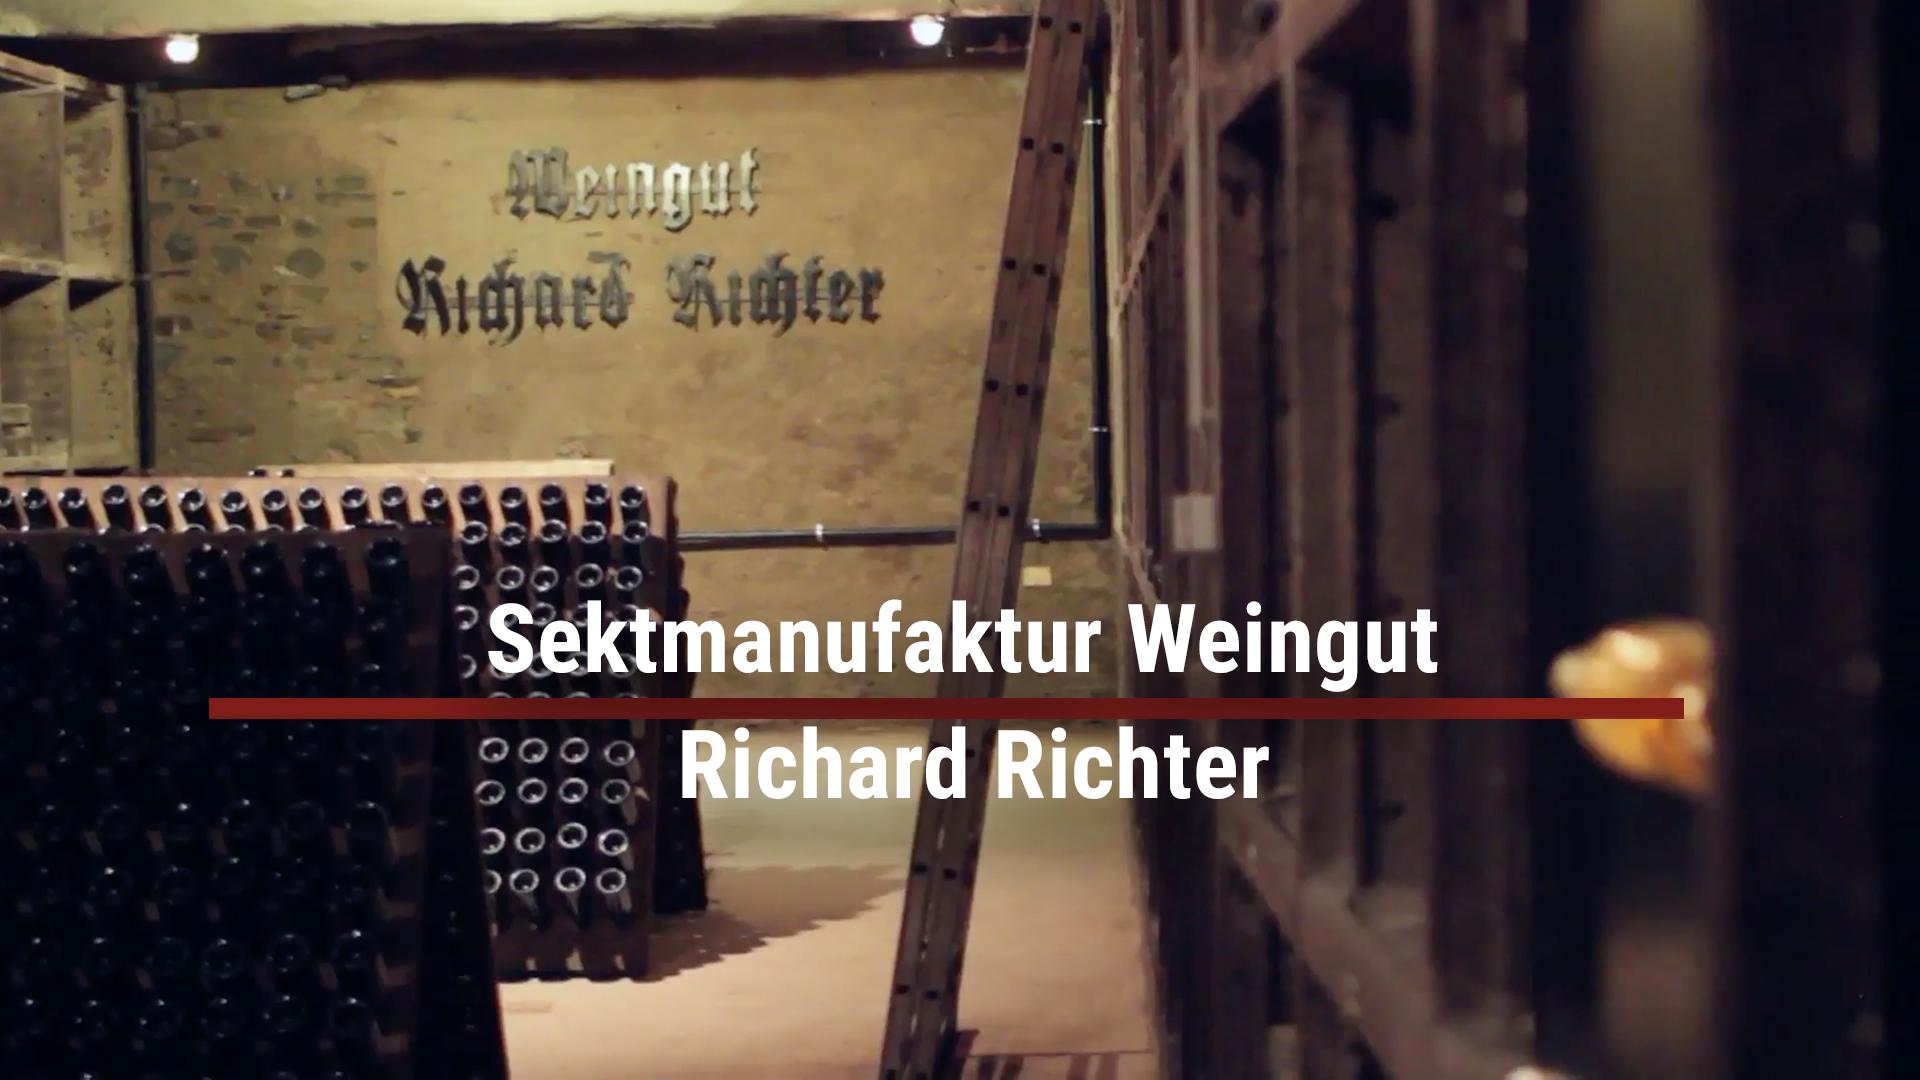 Sektmanufaktur Weingut Richard Richter